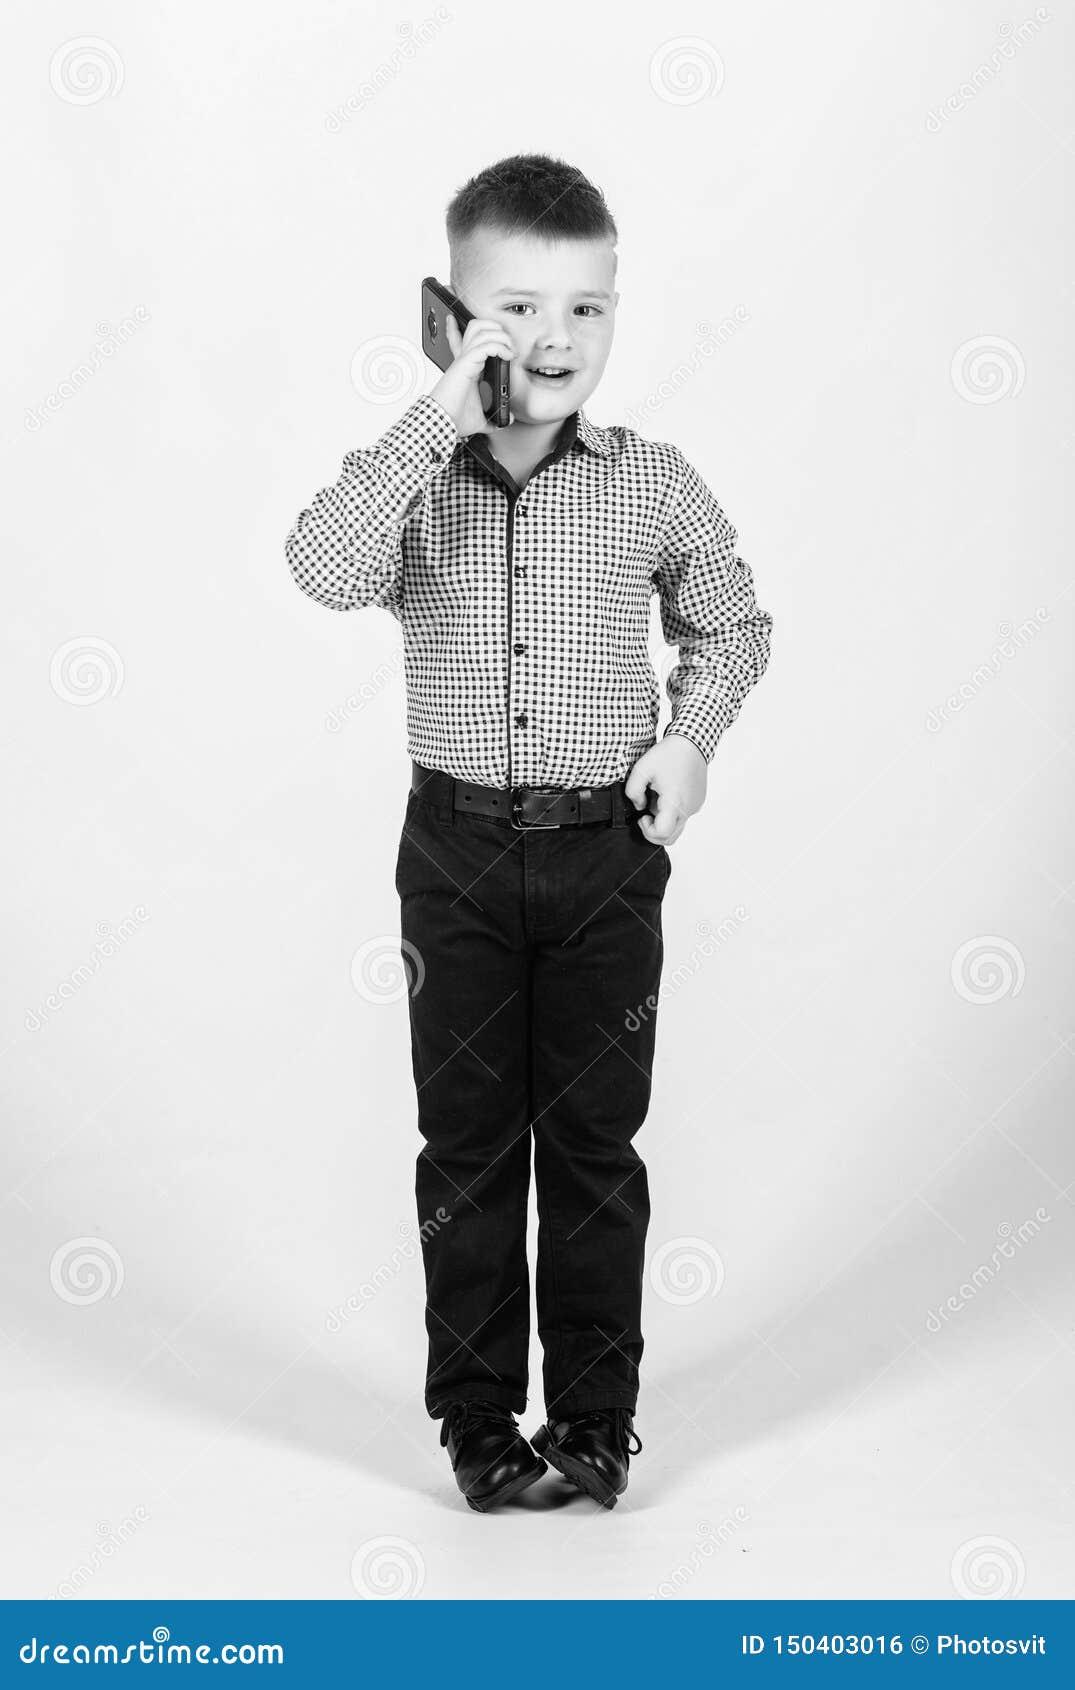 Weinig werkgever r r Het moderne leven Kinderjaren Bedrijfs mededeling klein